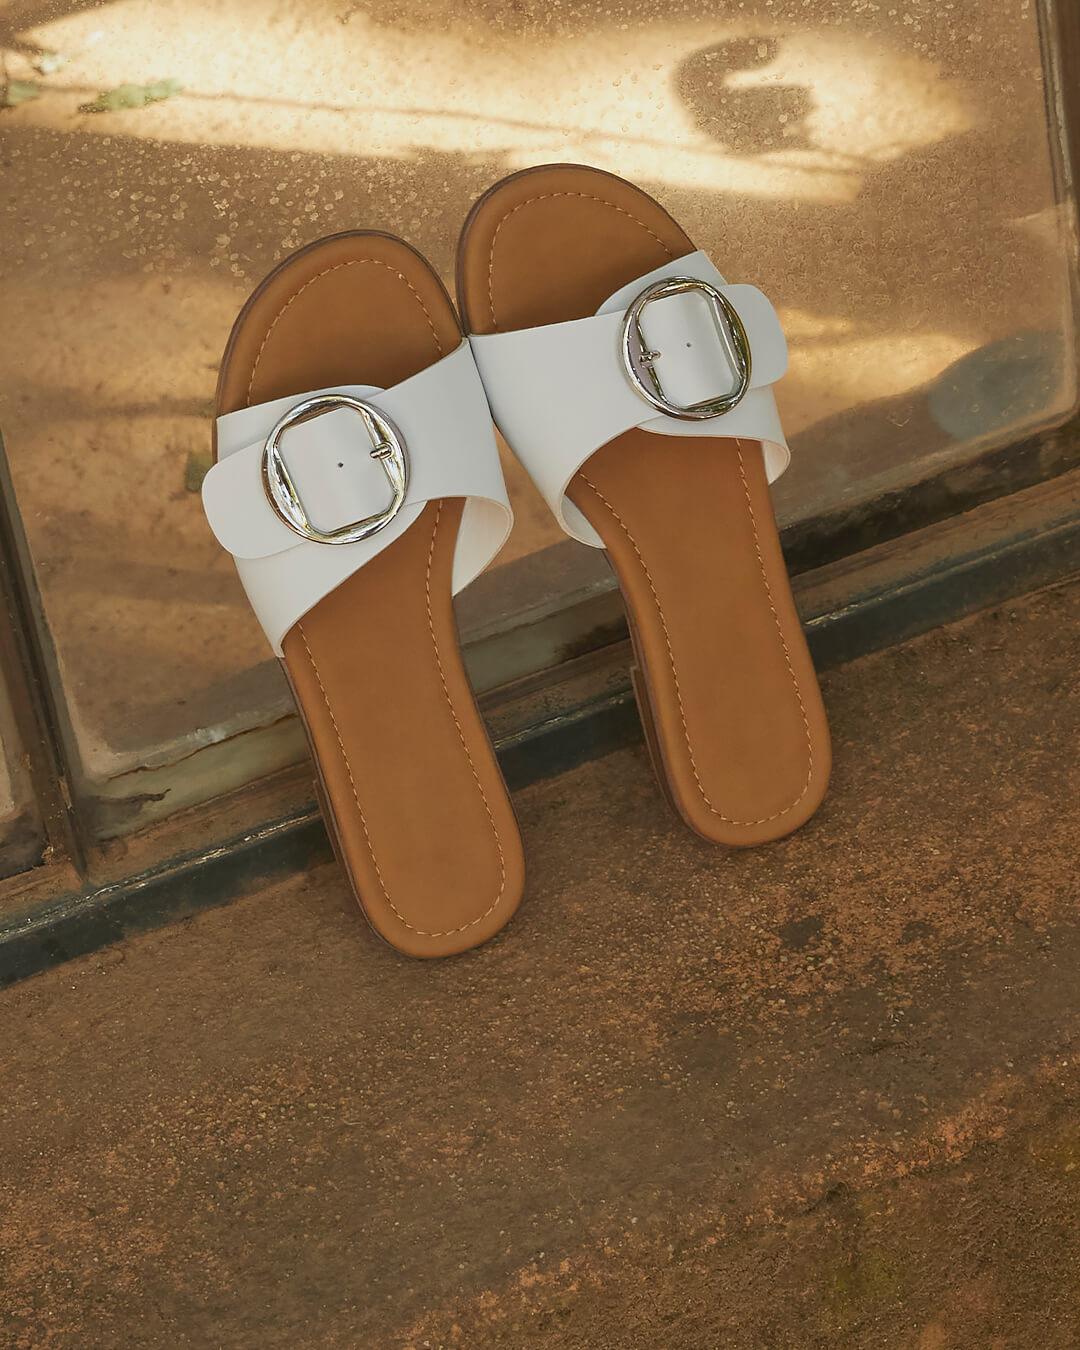 Sandalias que combinan con todos tus outfits